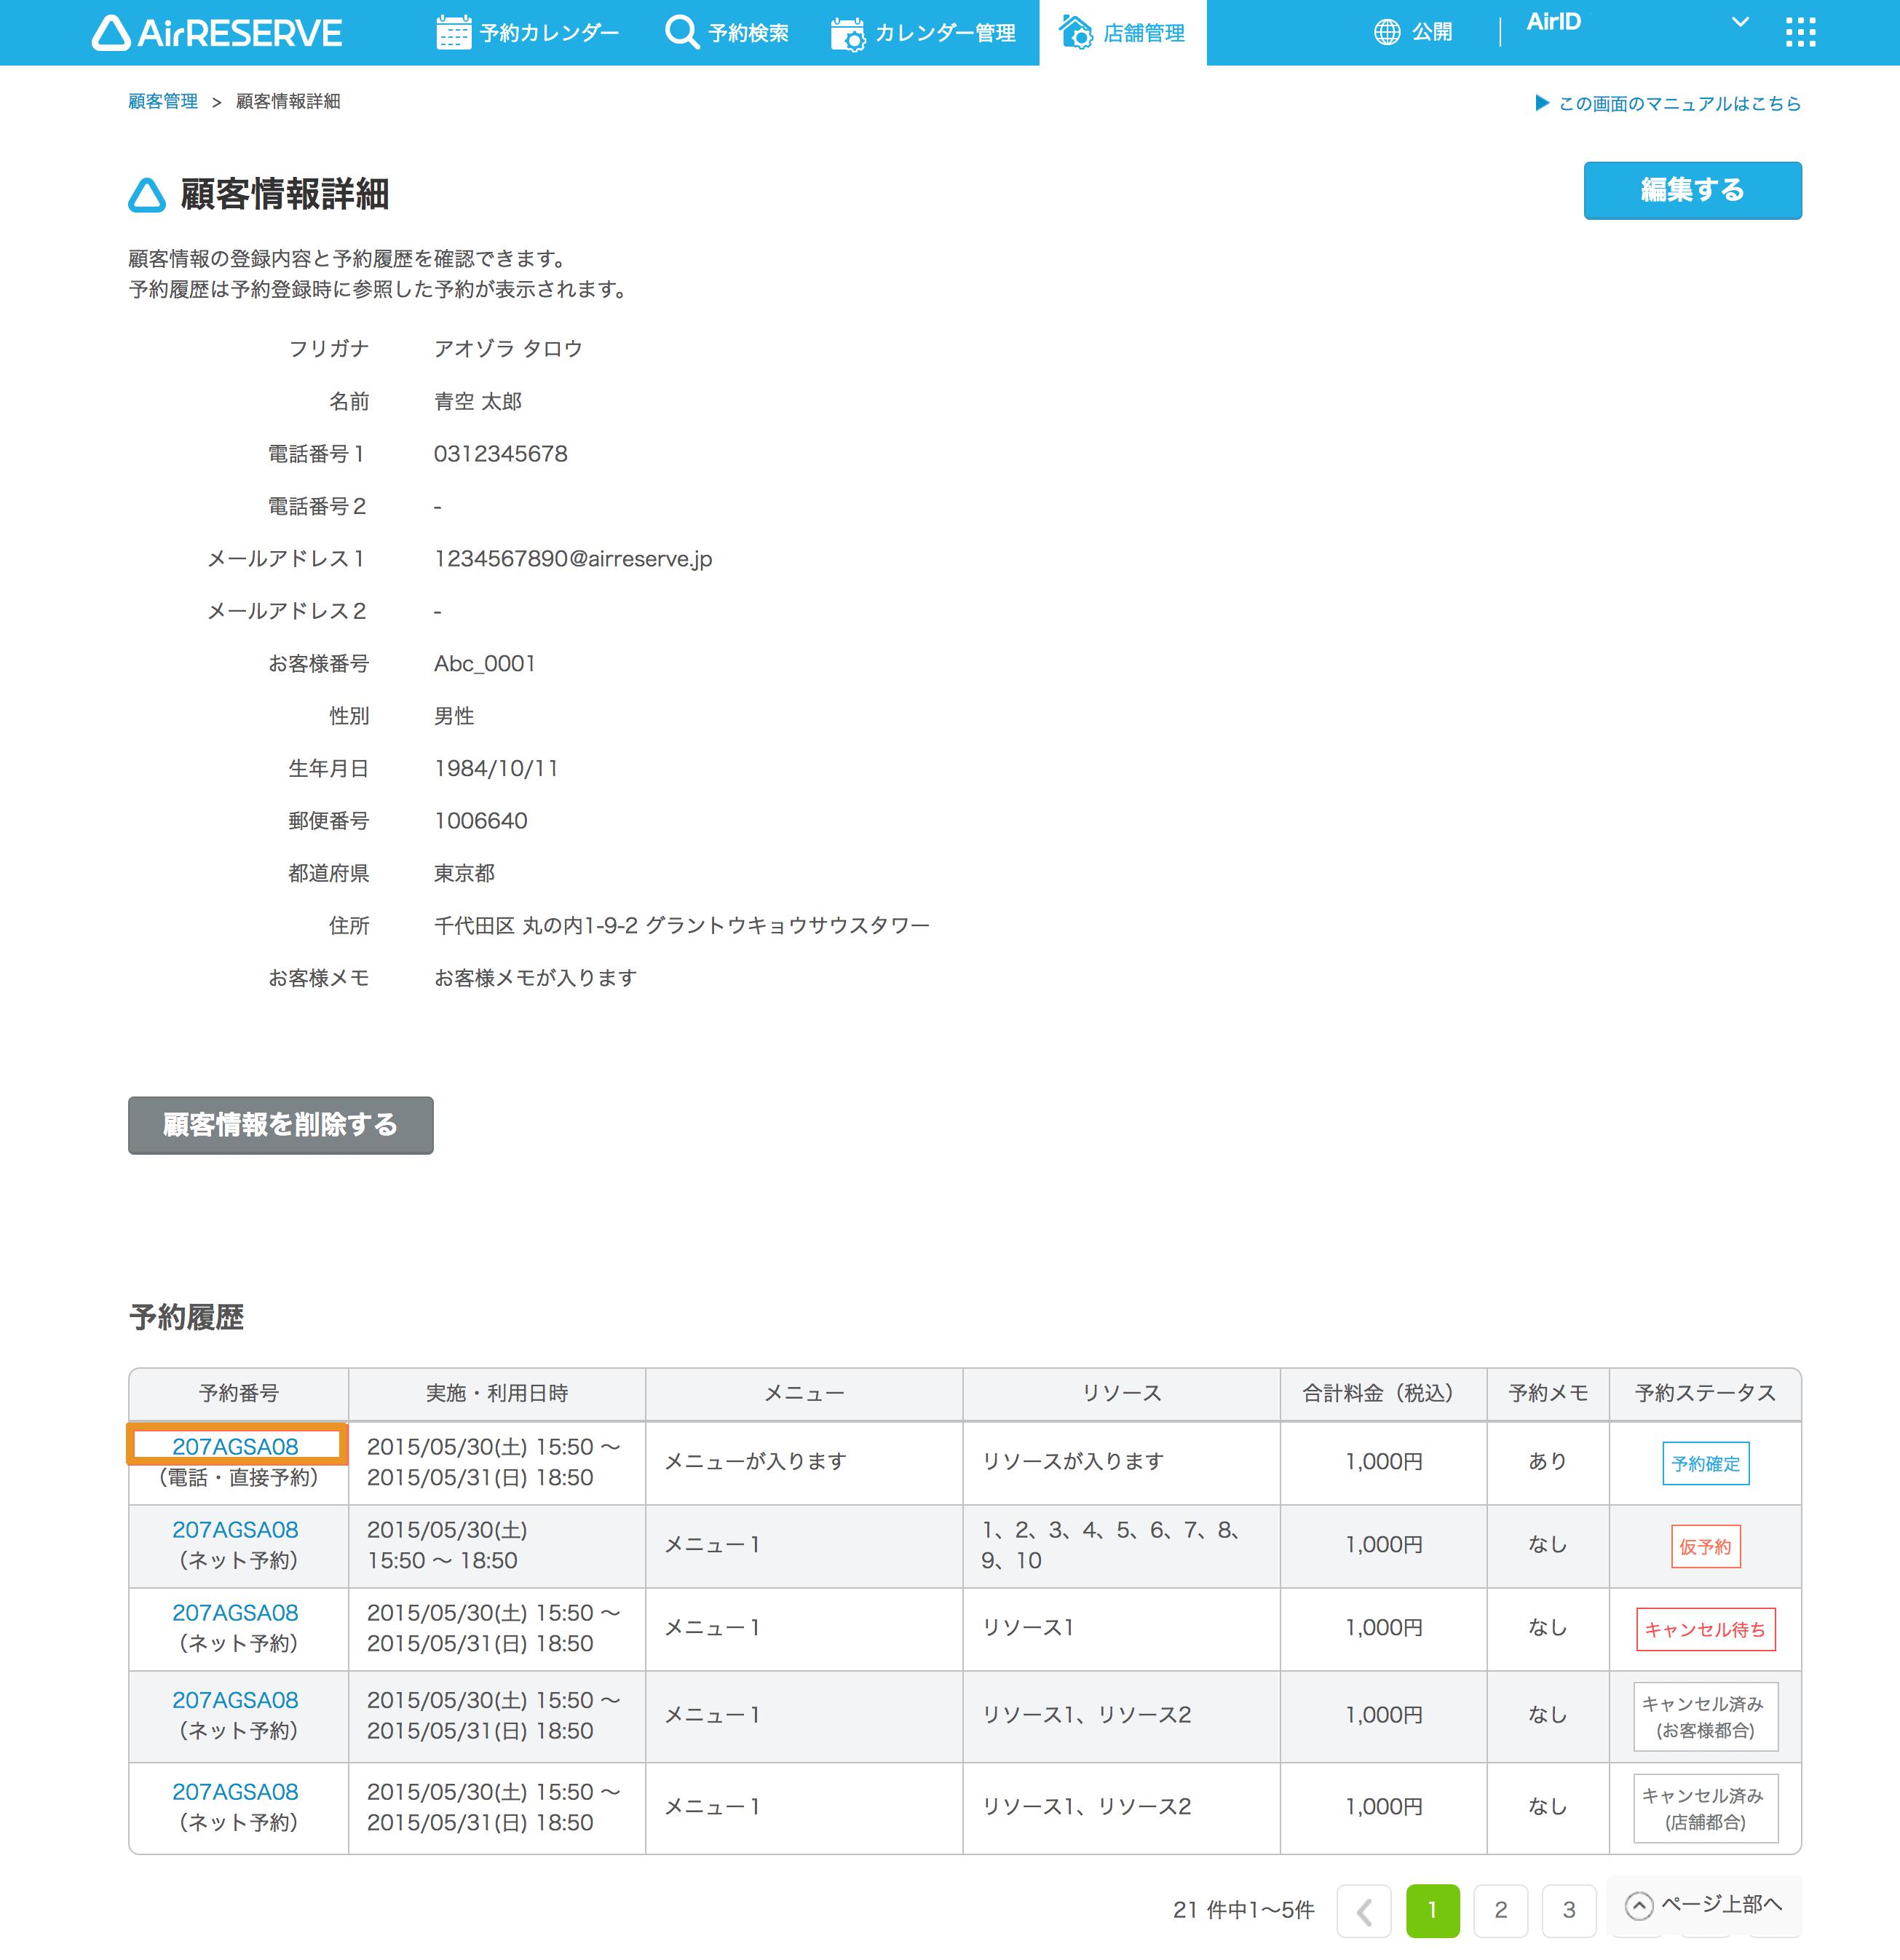 エアリザーブ 顧客情報詳細画面